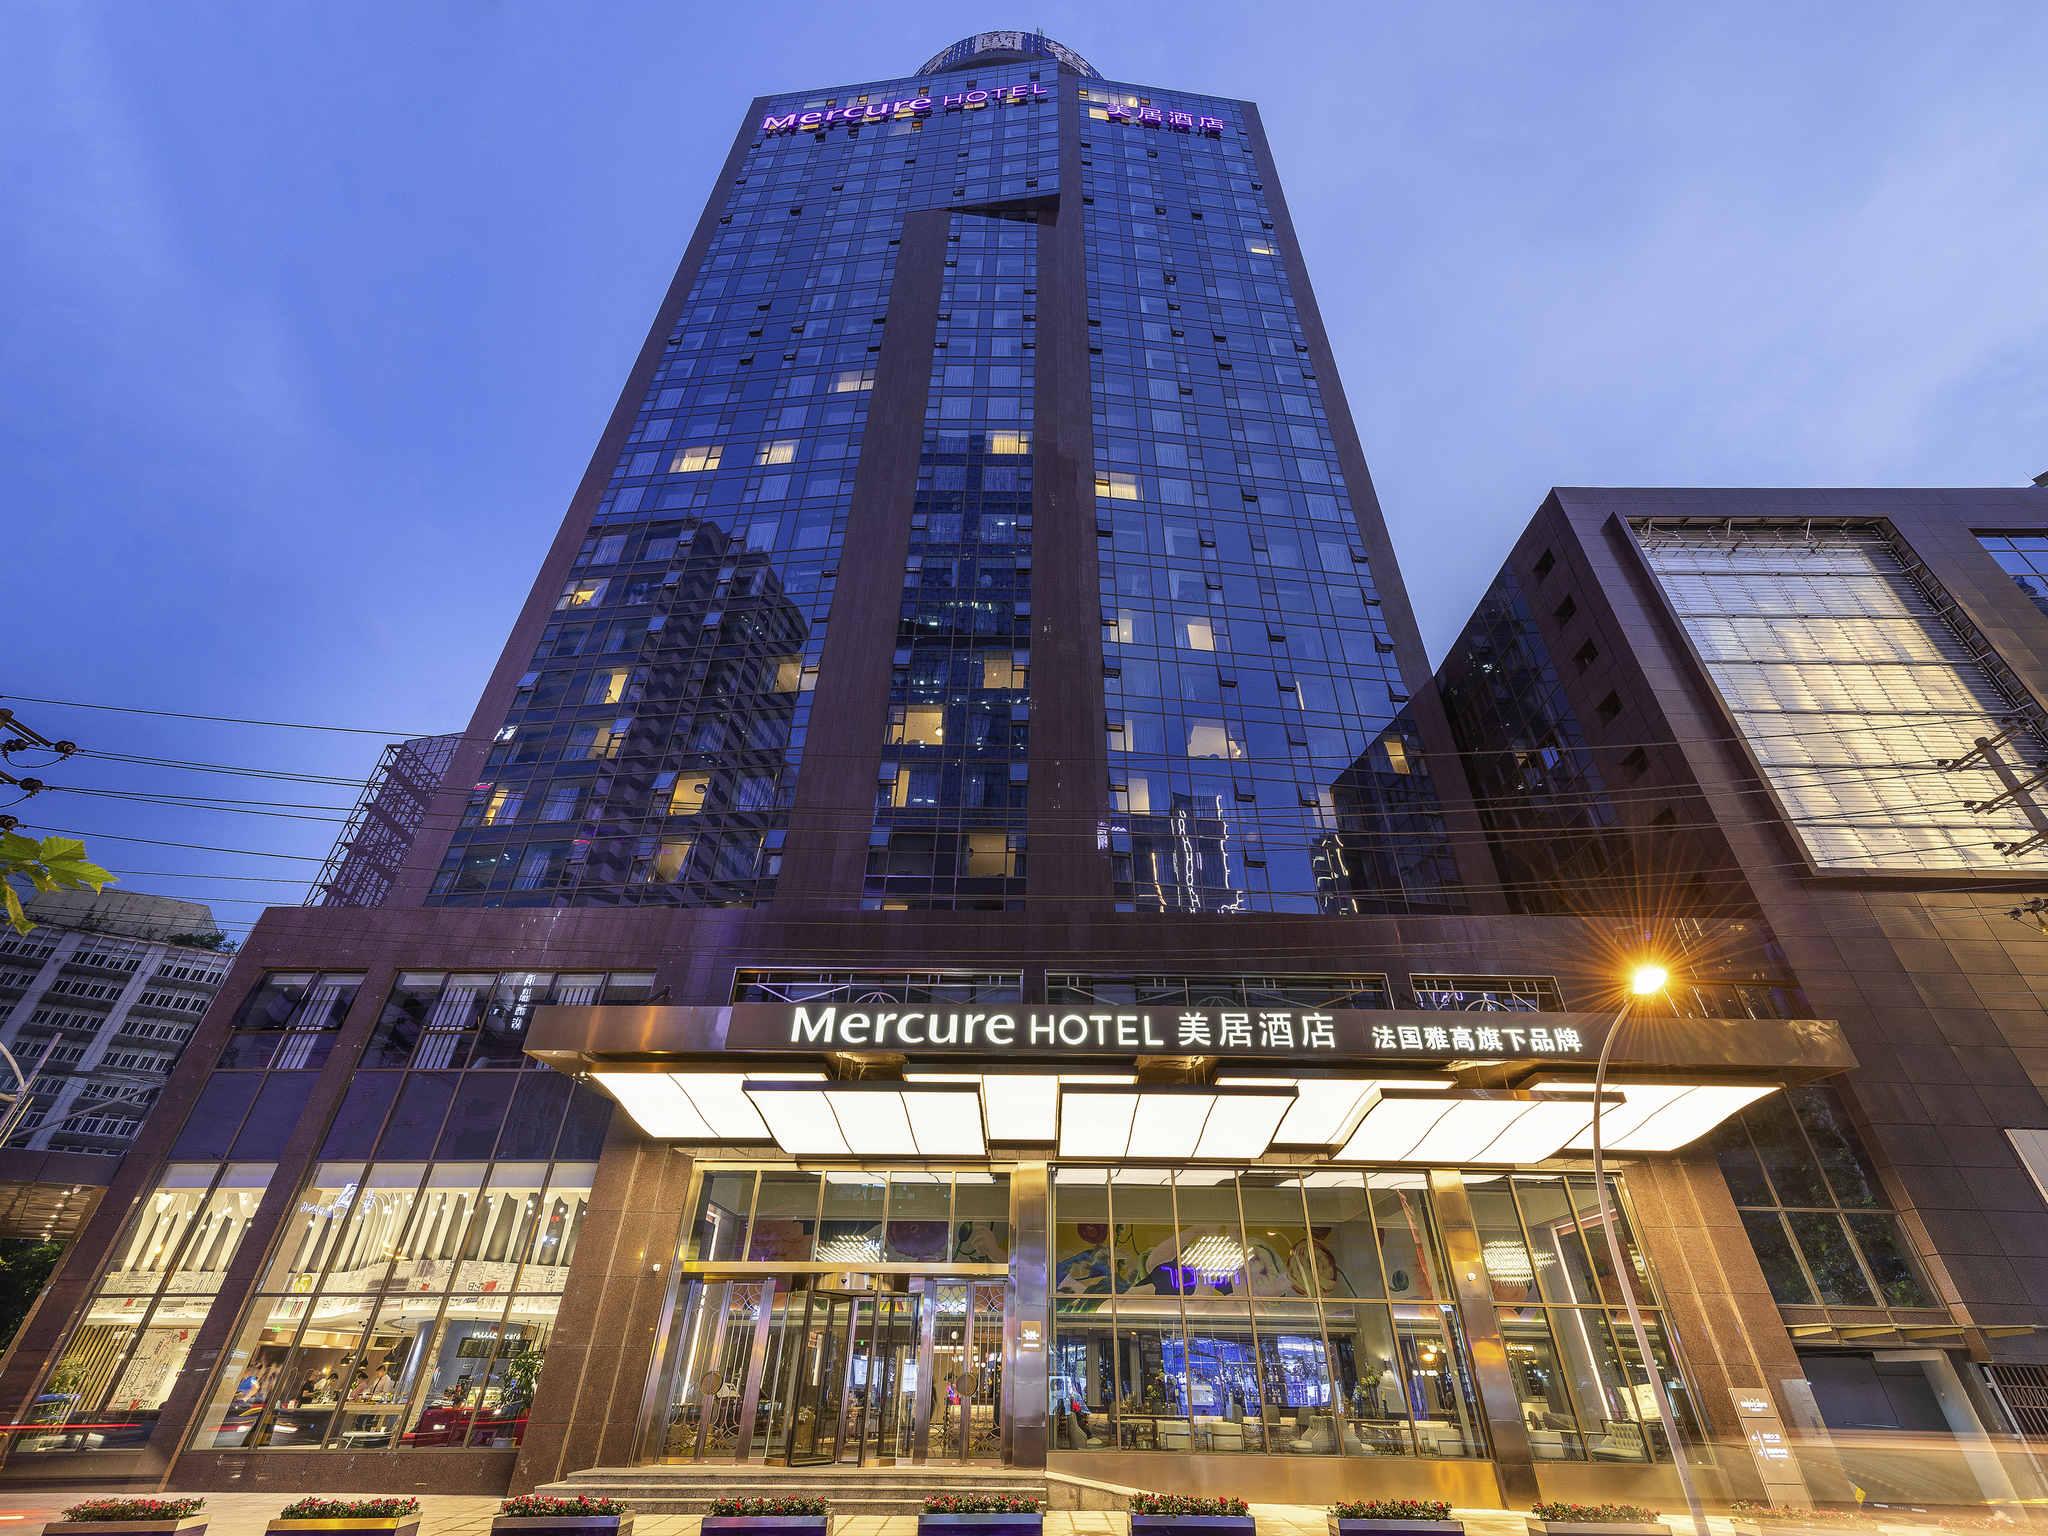 酒店 – 成都春熙美居酒店(2018 年 8 月开业)